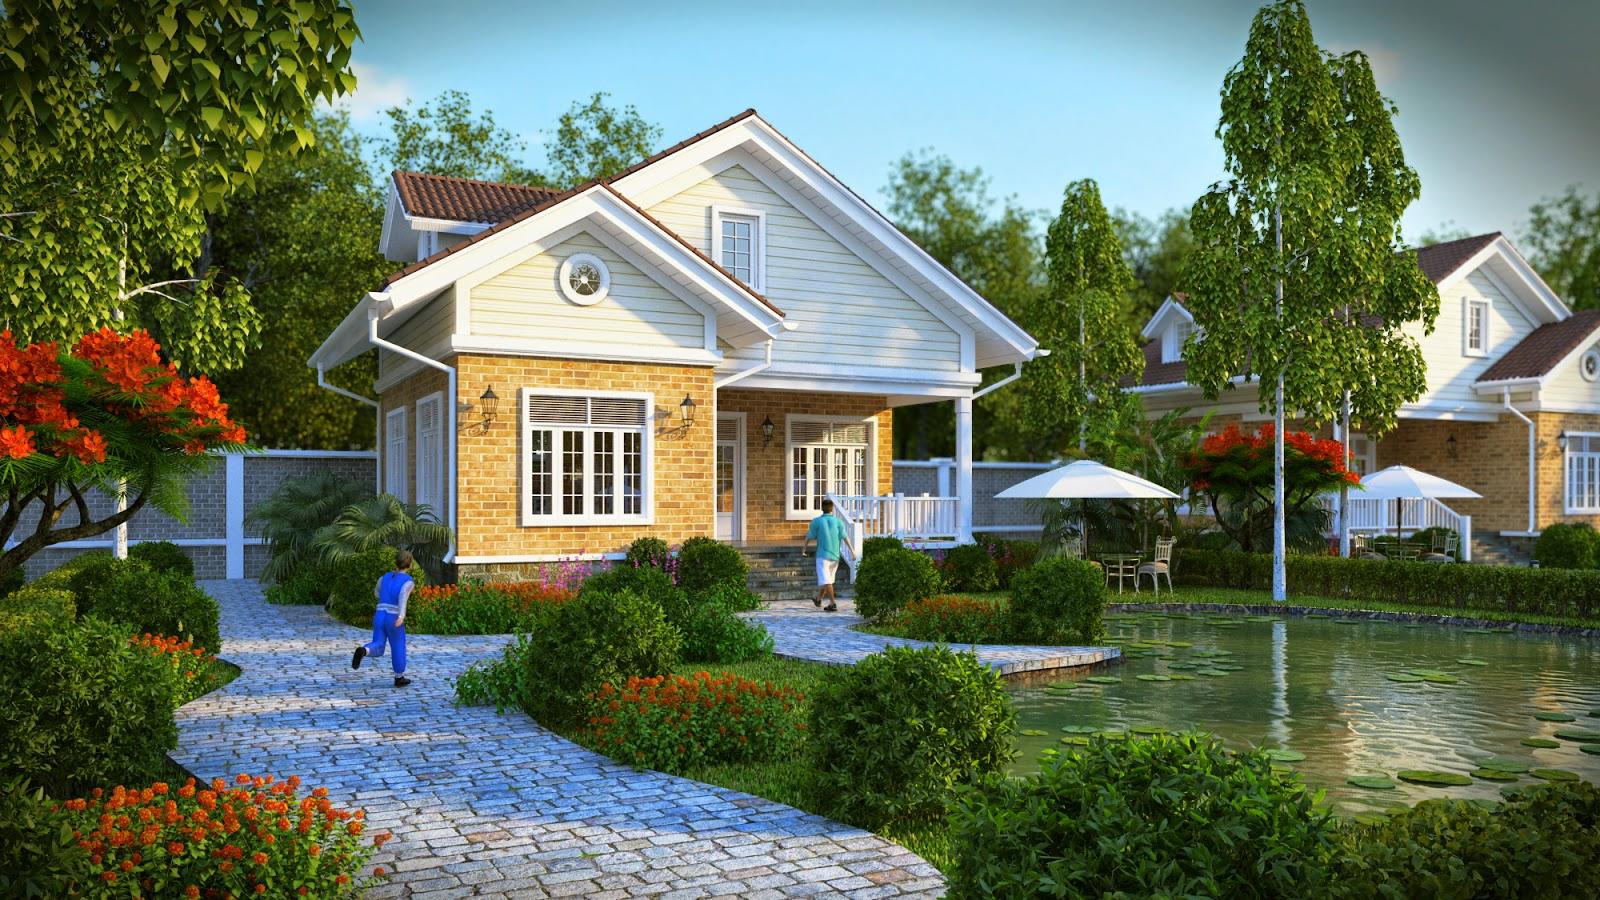 Một số lưu ý khi chọn mua đất làm nhà, mua chung cư, căn hộ